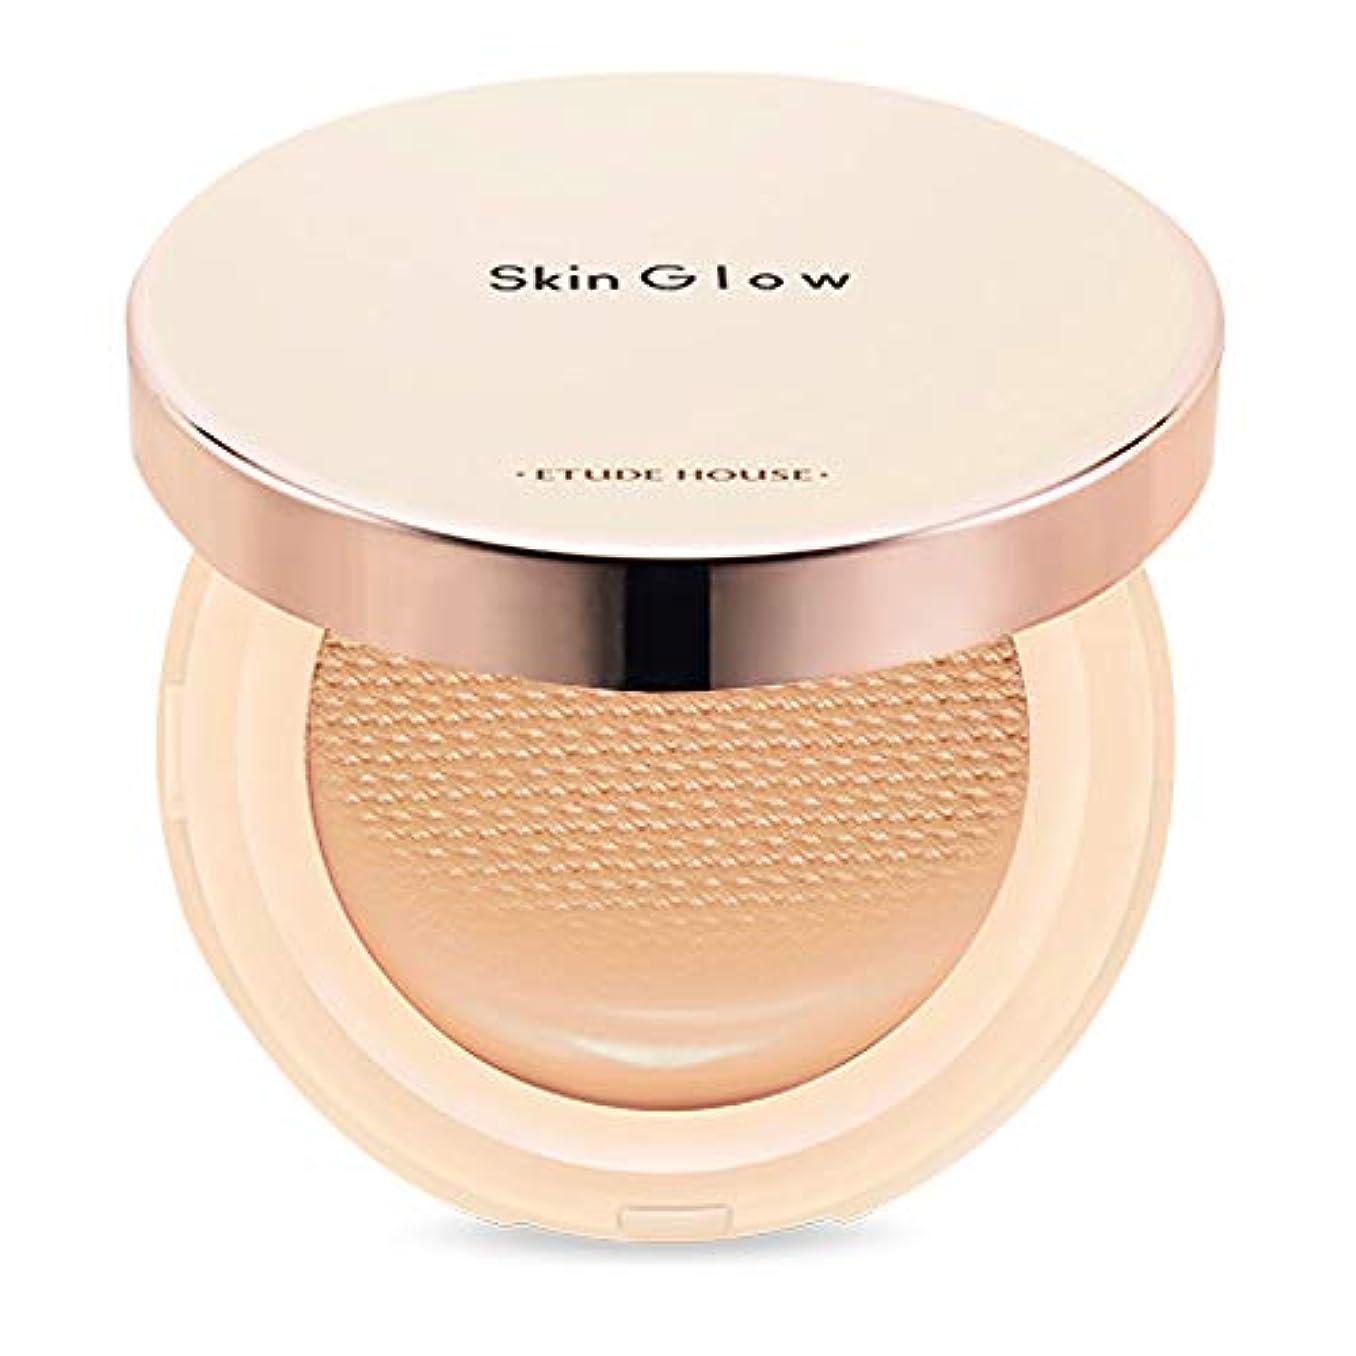 原子炉国際恐ろしいですEtude House Skin Glow Essence Cushion SPF50+/PA++++ エチュードハウス スキン グロー エッセンス クッション (# N05 Sand) [並行輸入品]